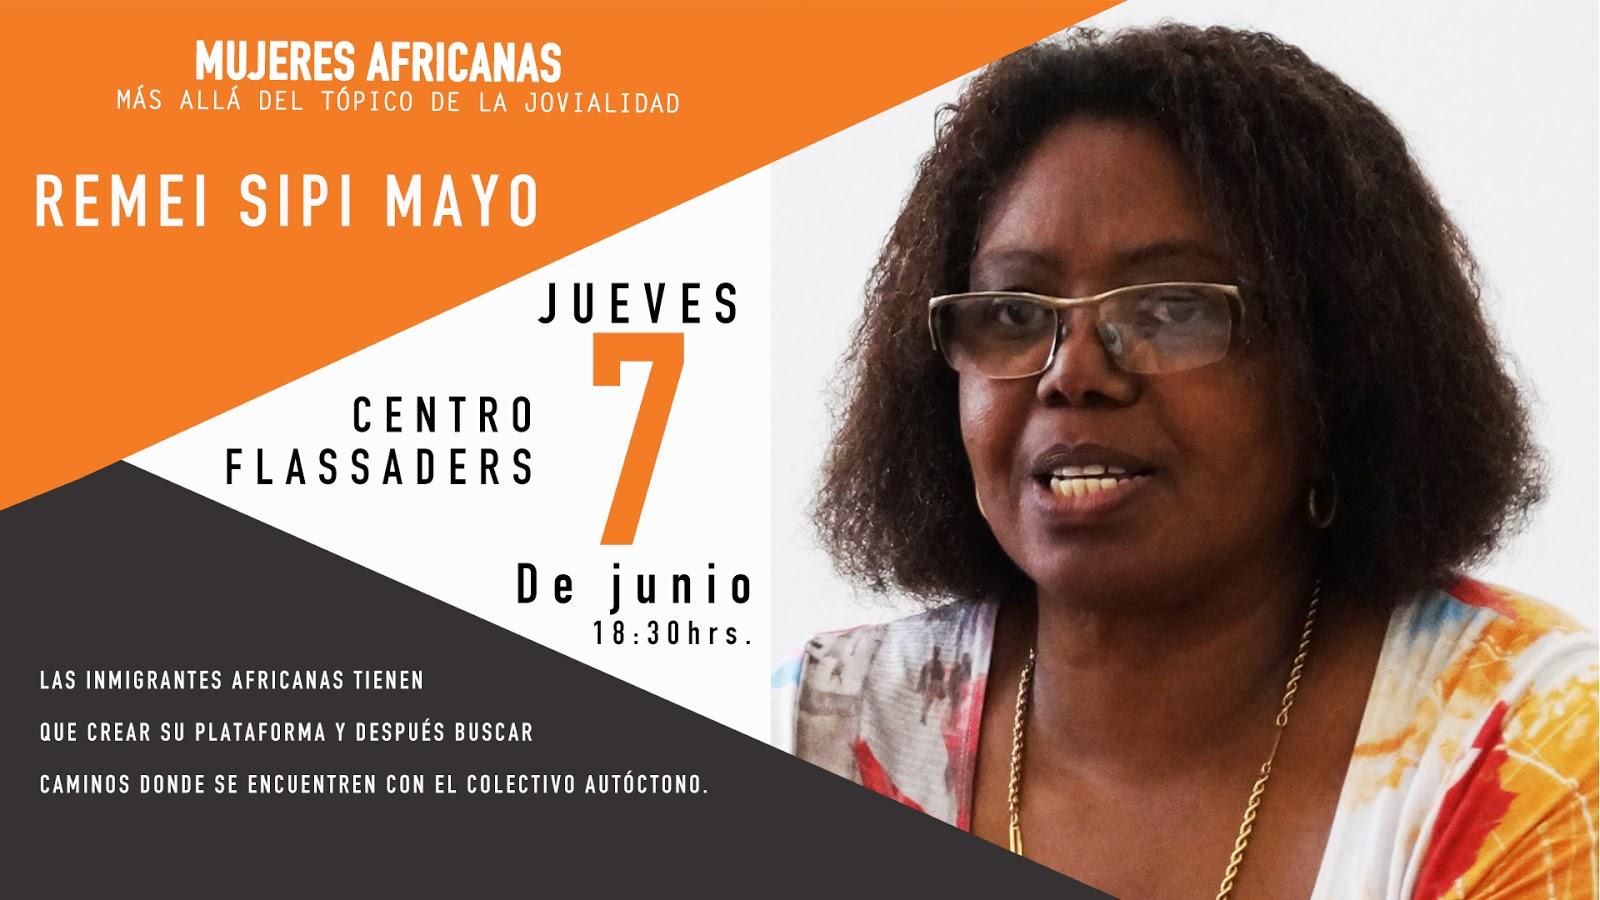 Remei Sipi- Mujeres africanas más allá del tópico de la jovialidad – Africana jones